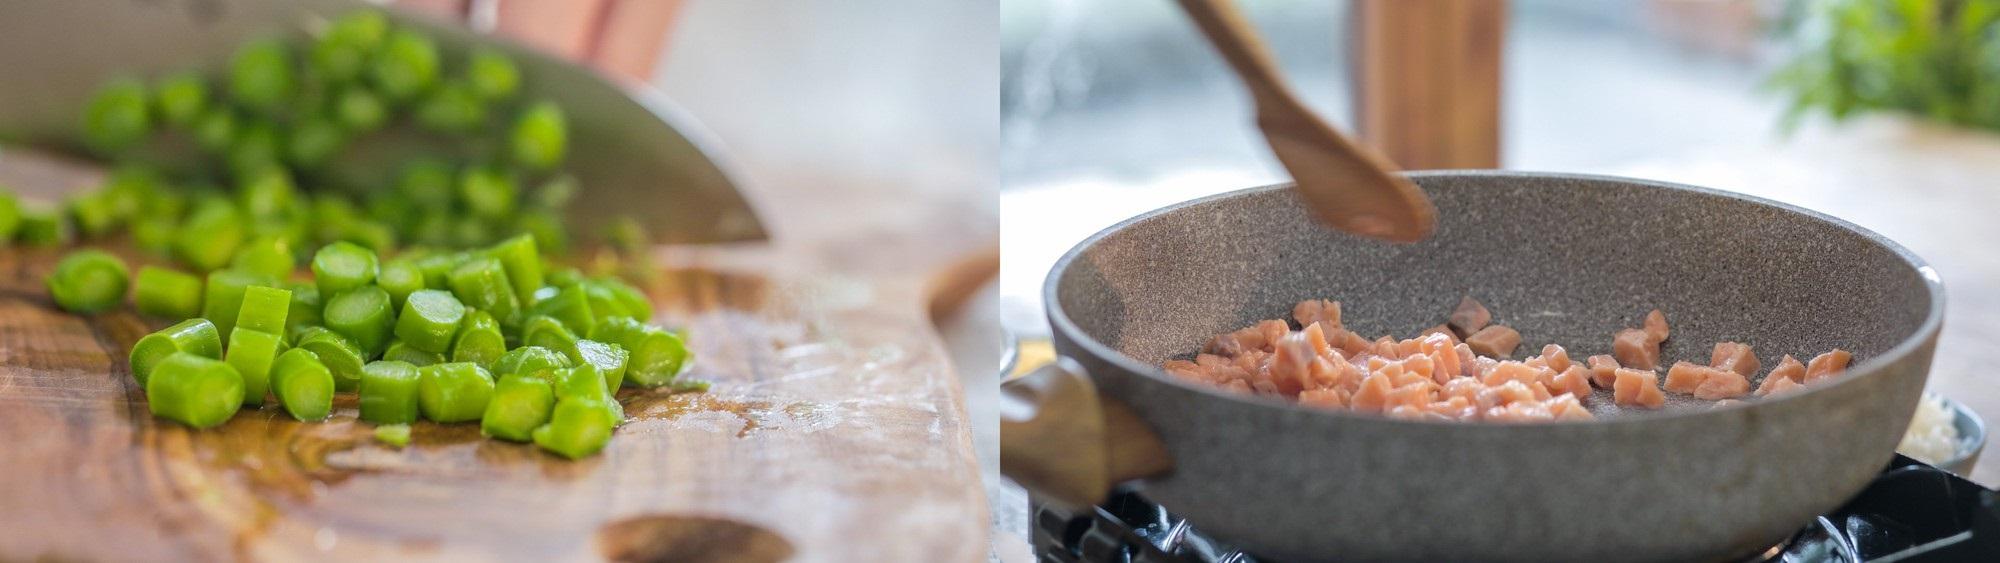 Thứ 2 bận rộn, tôi làm chảo cơm chiên cá hồi cho cả nhà là ngon lành đủ chất - Ảnh 2